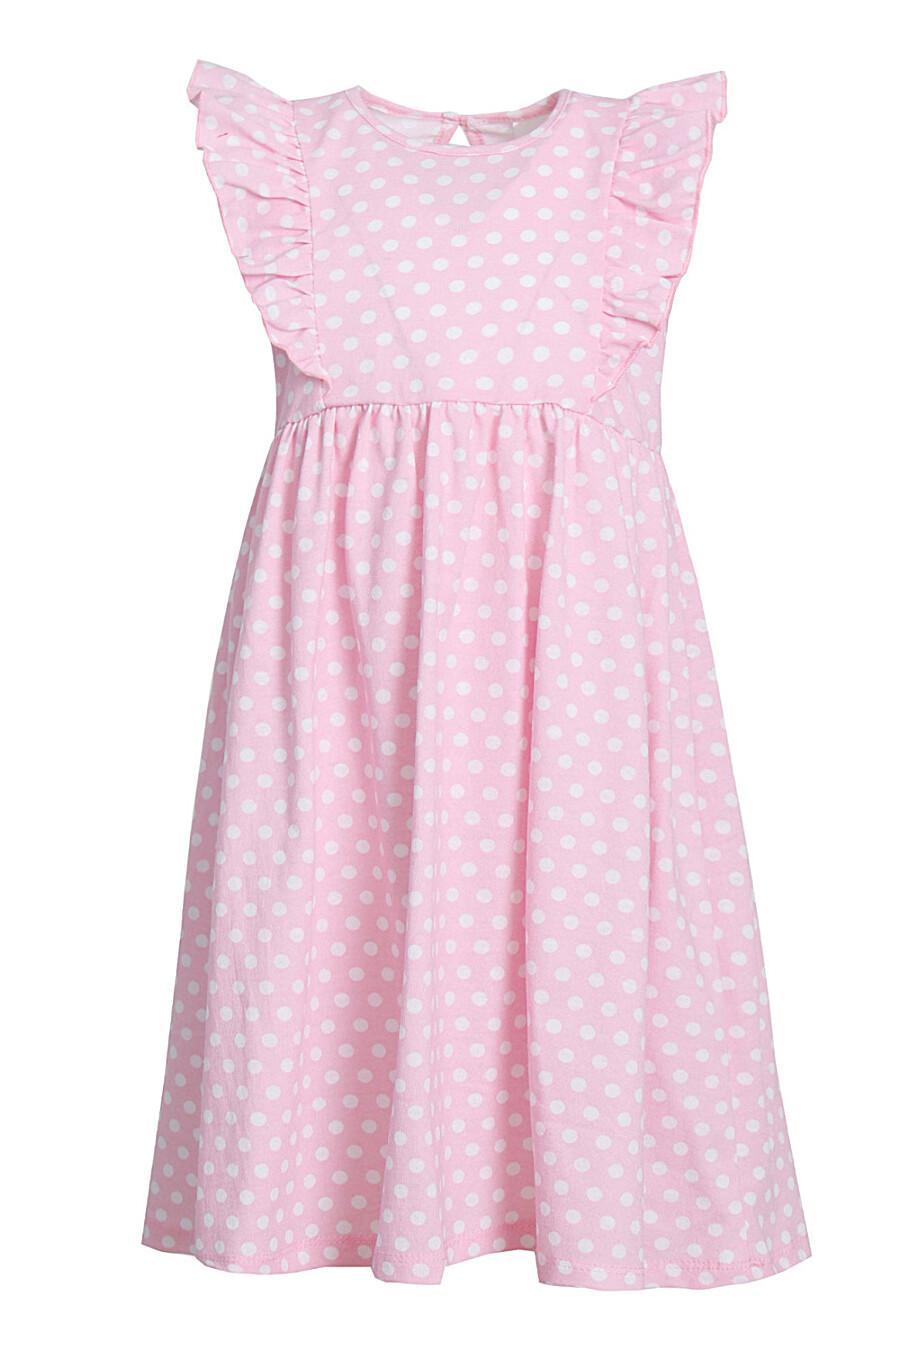 Платье Кружок детское для девочек НАТАЛИ 321671 купить оптом от производителя. Совместная покупка детской одежды в OptMoyo